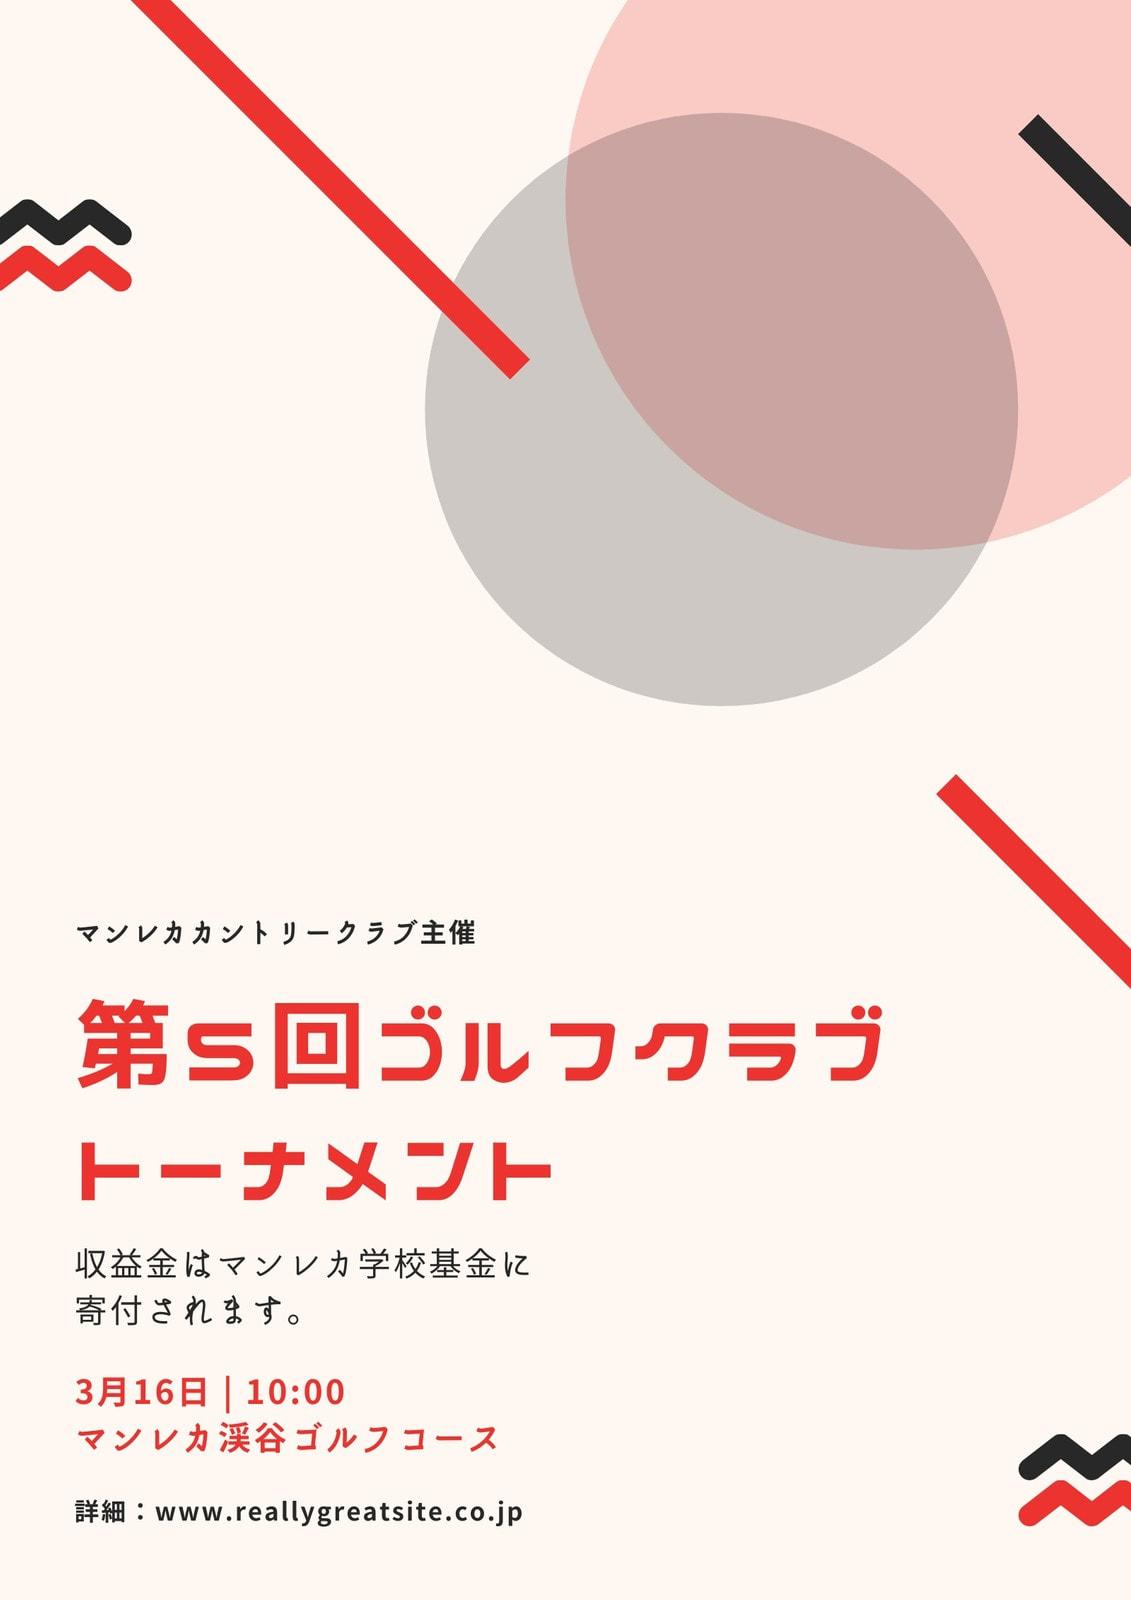 赤と黒、モダンランダム・図形、ゴルフ、ポスター